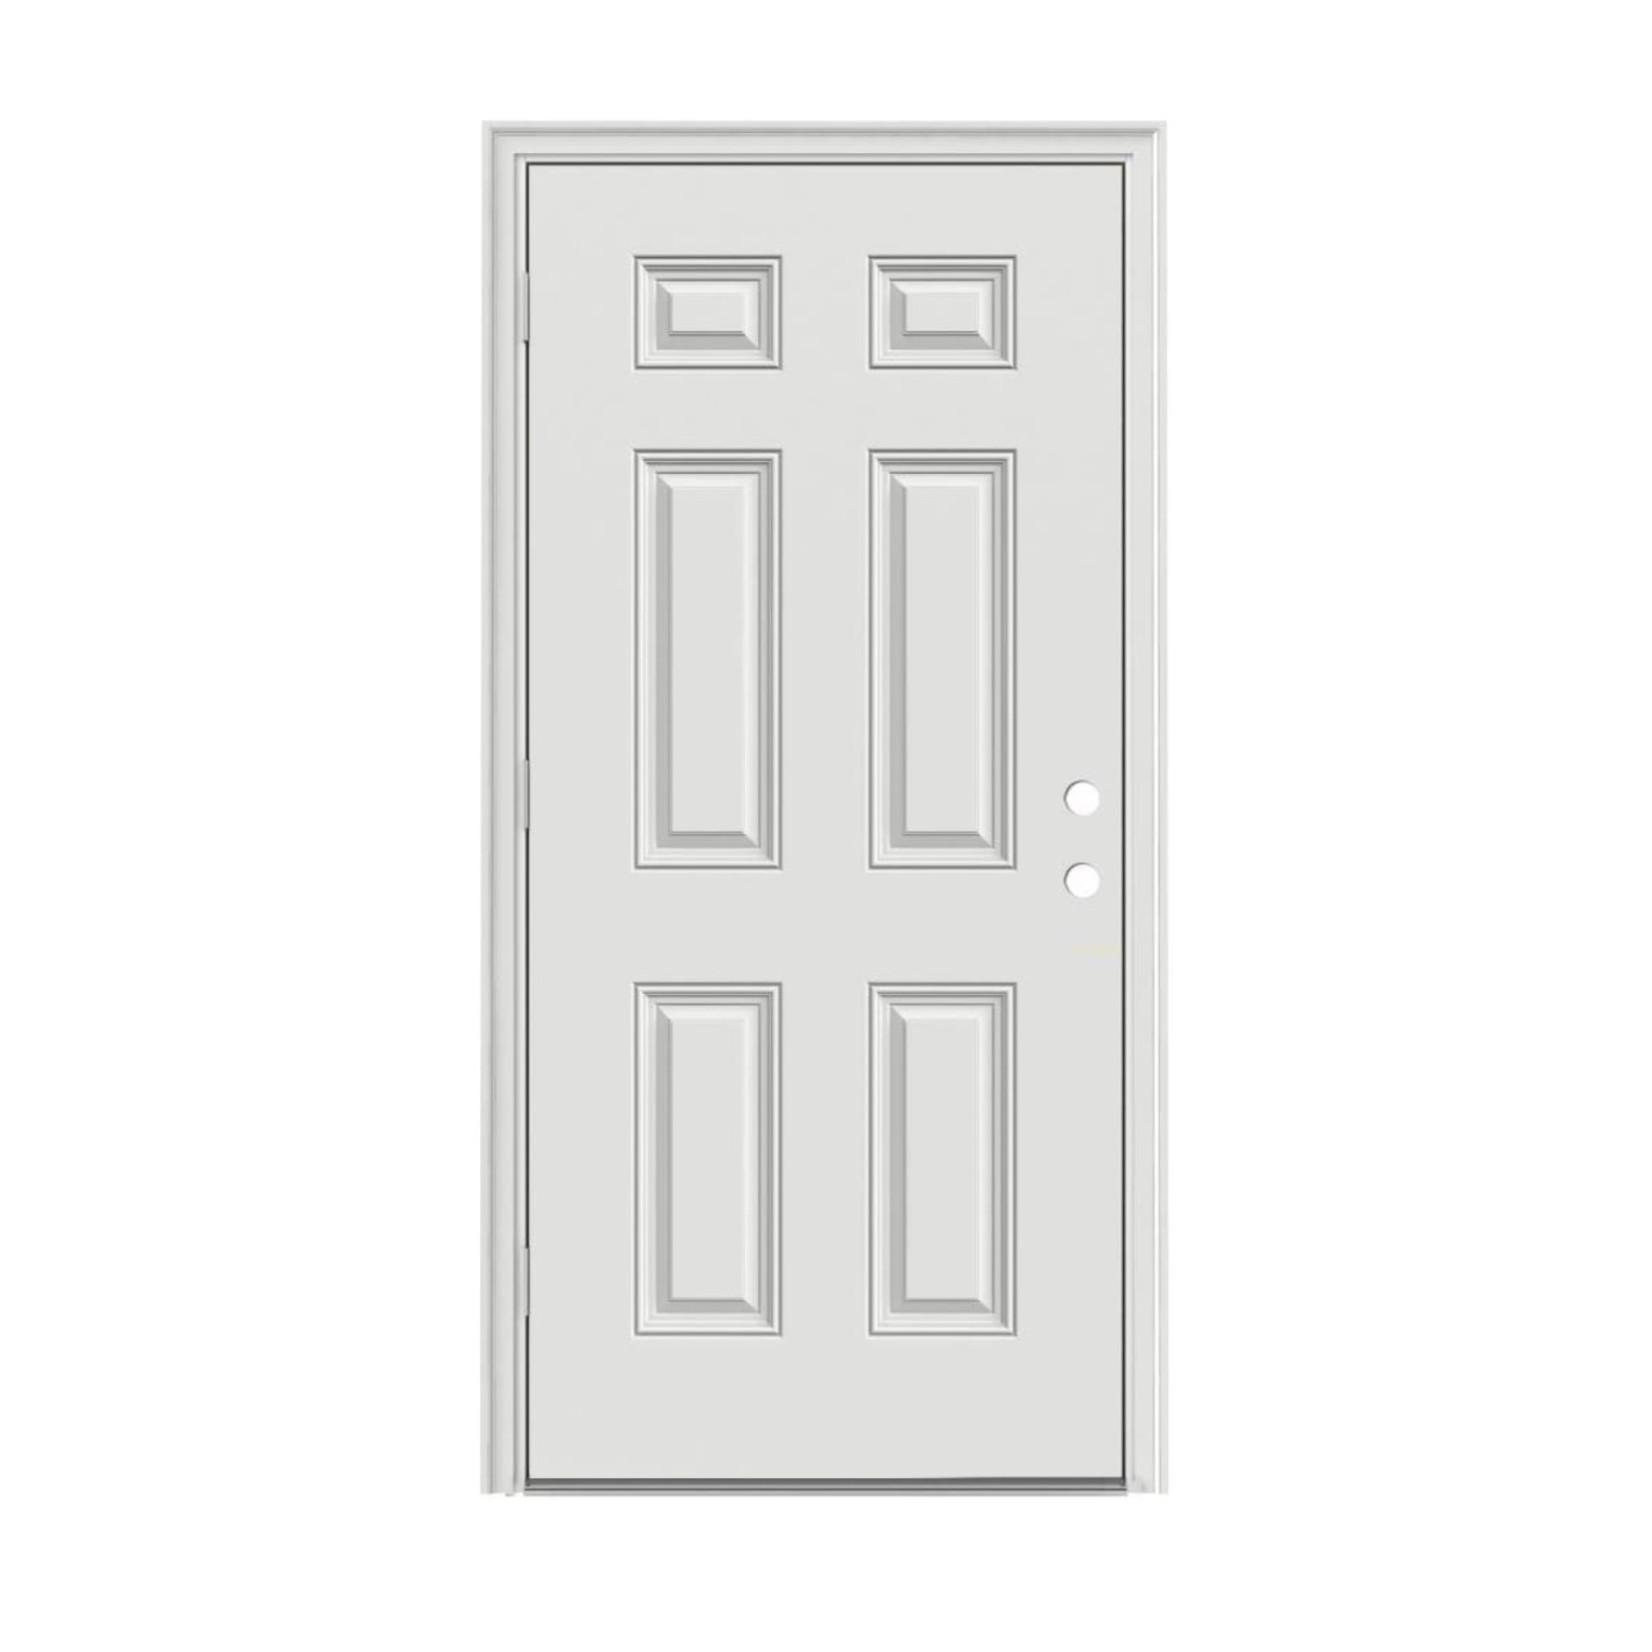 10544 6-Panel Prehung Exterior Door